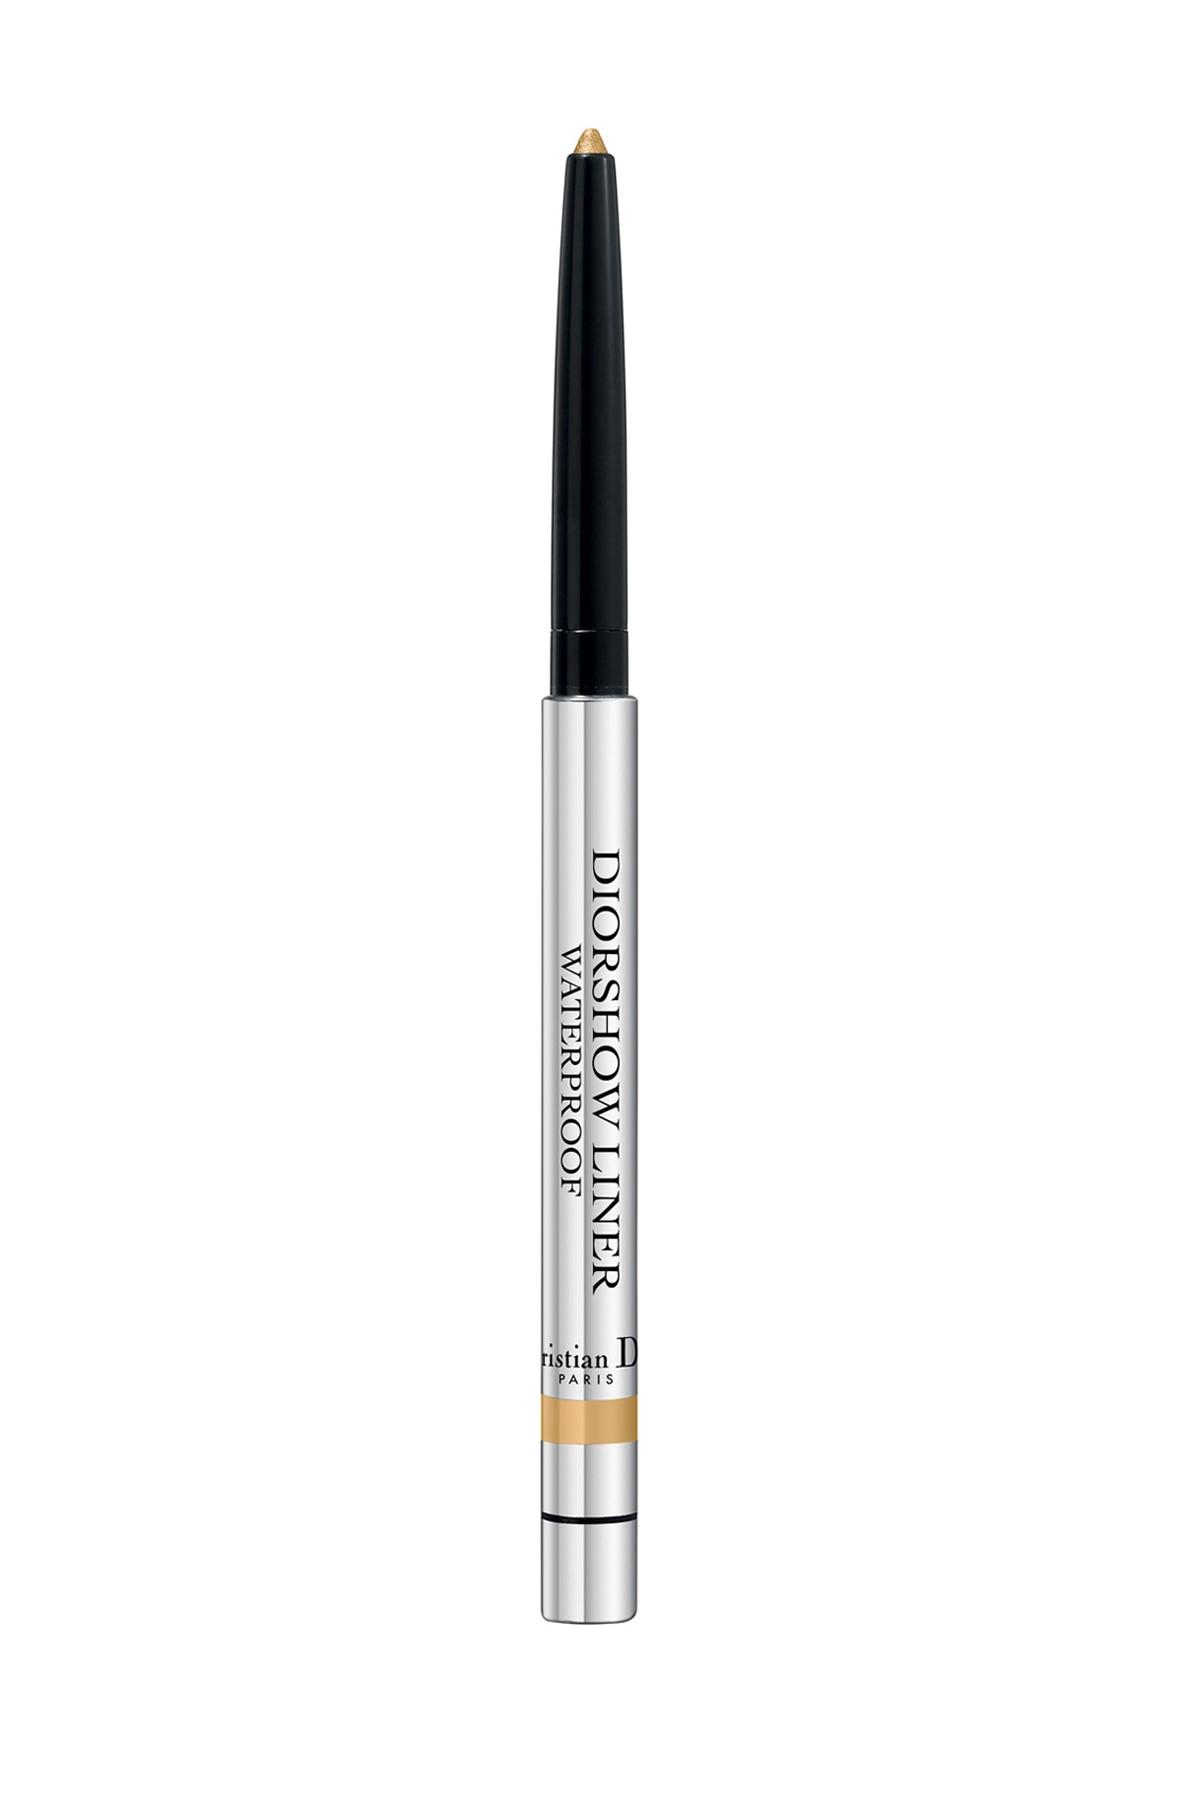 Dior Suya Dayanıklı Eyeliner - Diorshow Gold 548 3348901122146 1